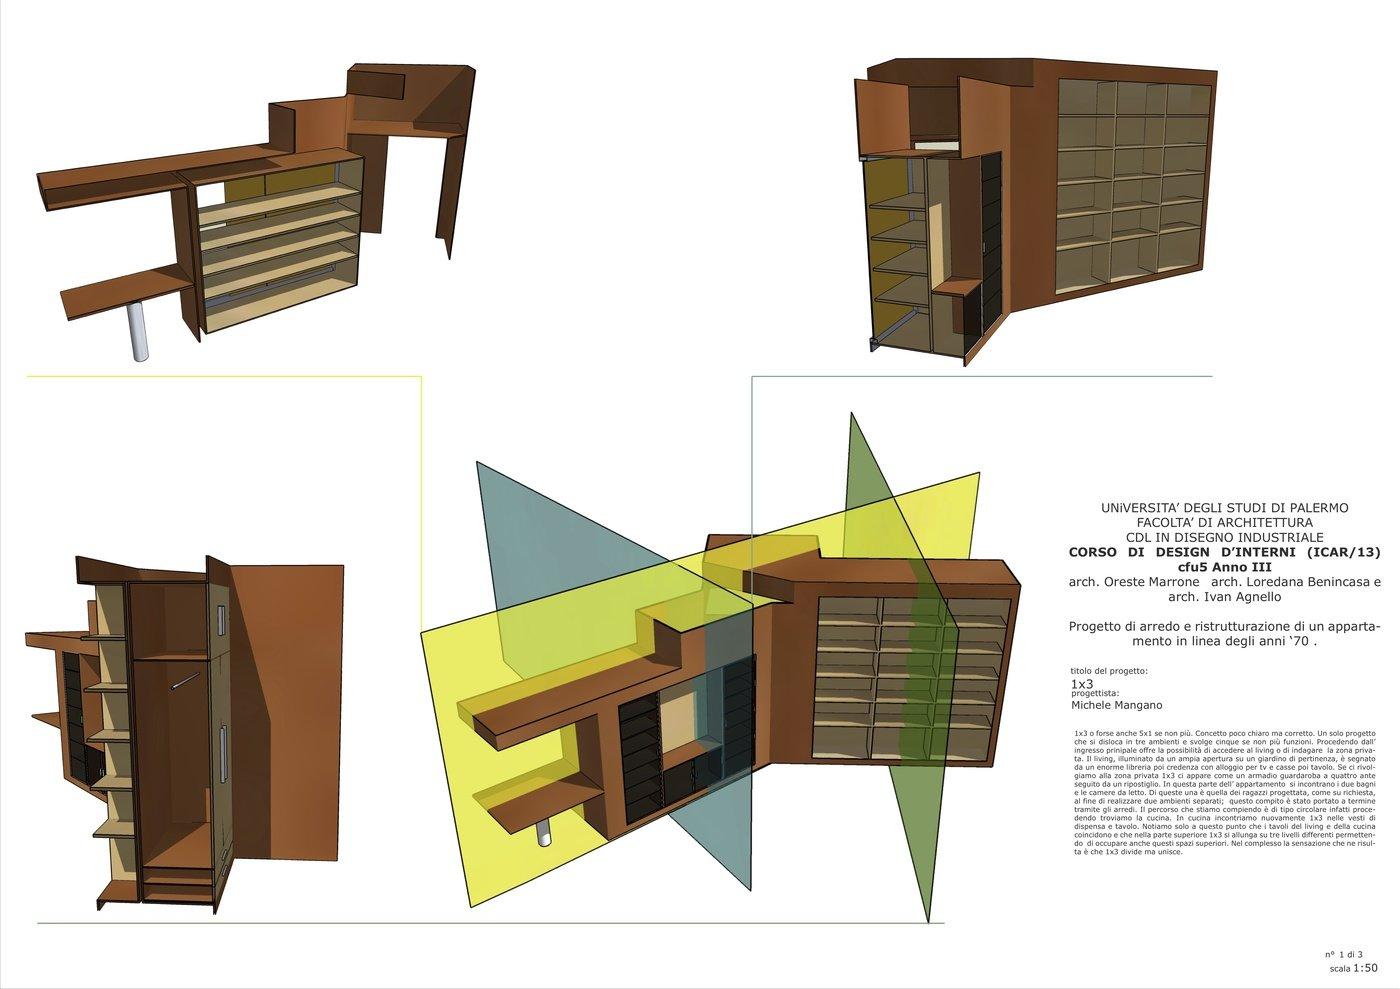 di servizi per l'architettura organizza un corso post lauream di specializzazione per progettisti di architettura d'interni, realizzato col sostegno del programma di formazione leonardo dell'unione europea. Interior By Michele Mangano At Coroflot Com